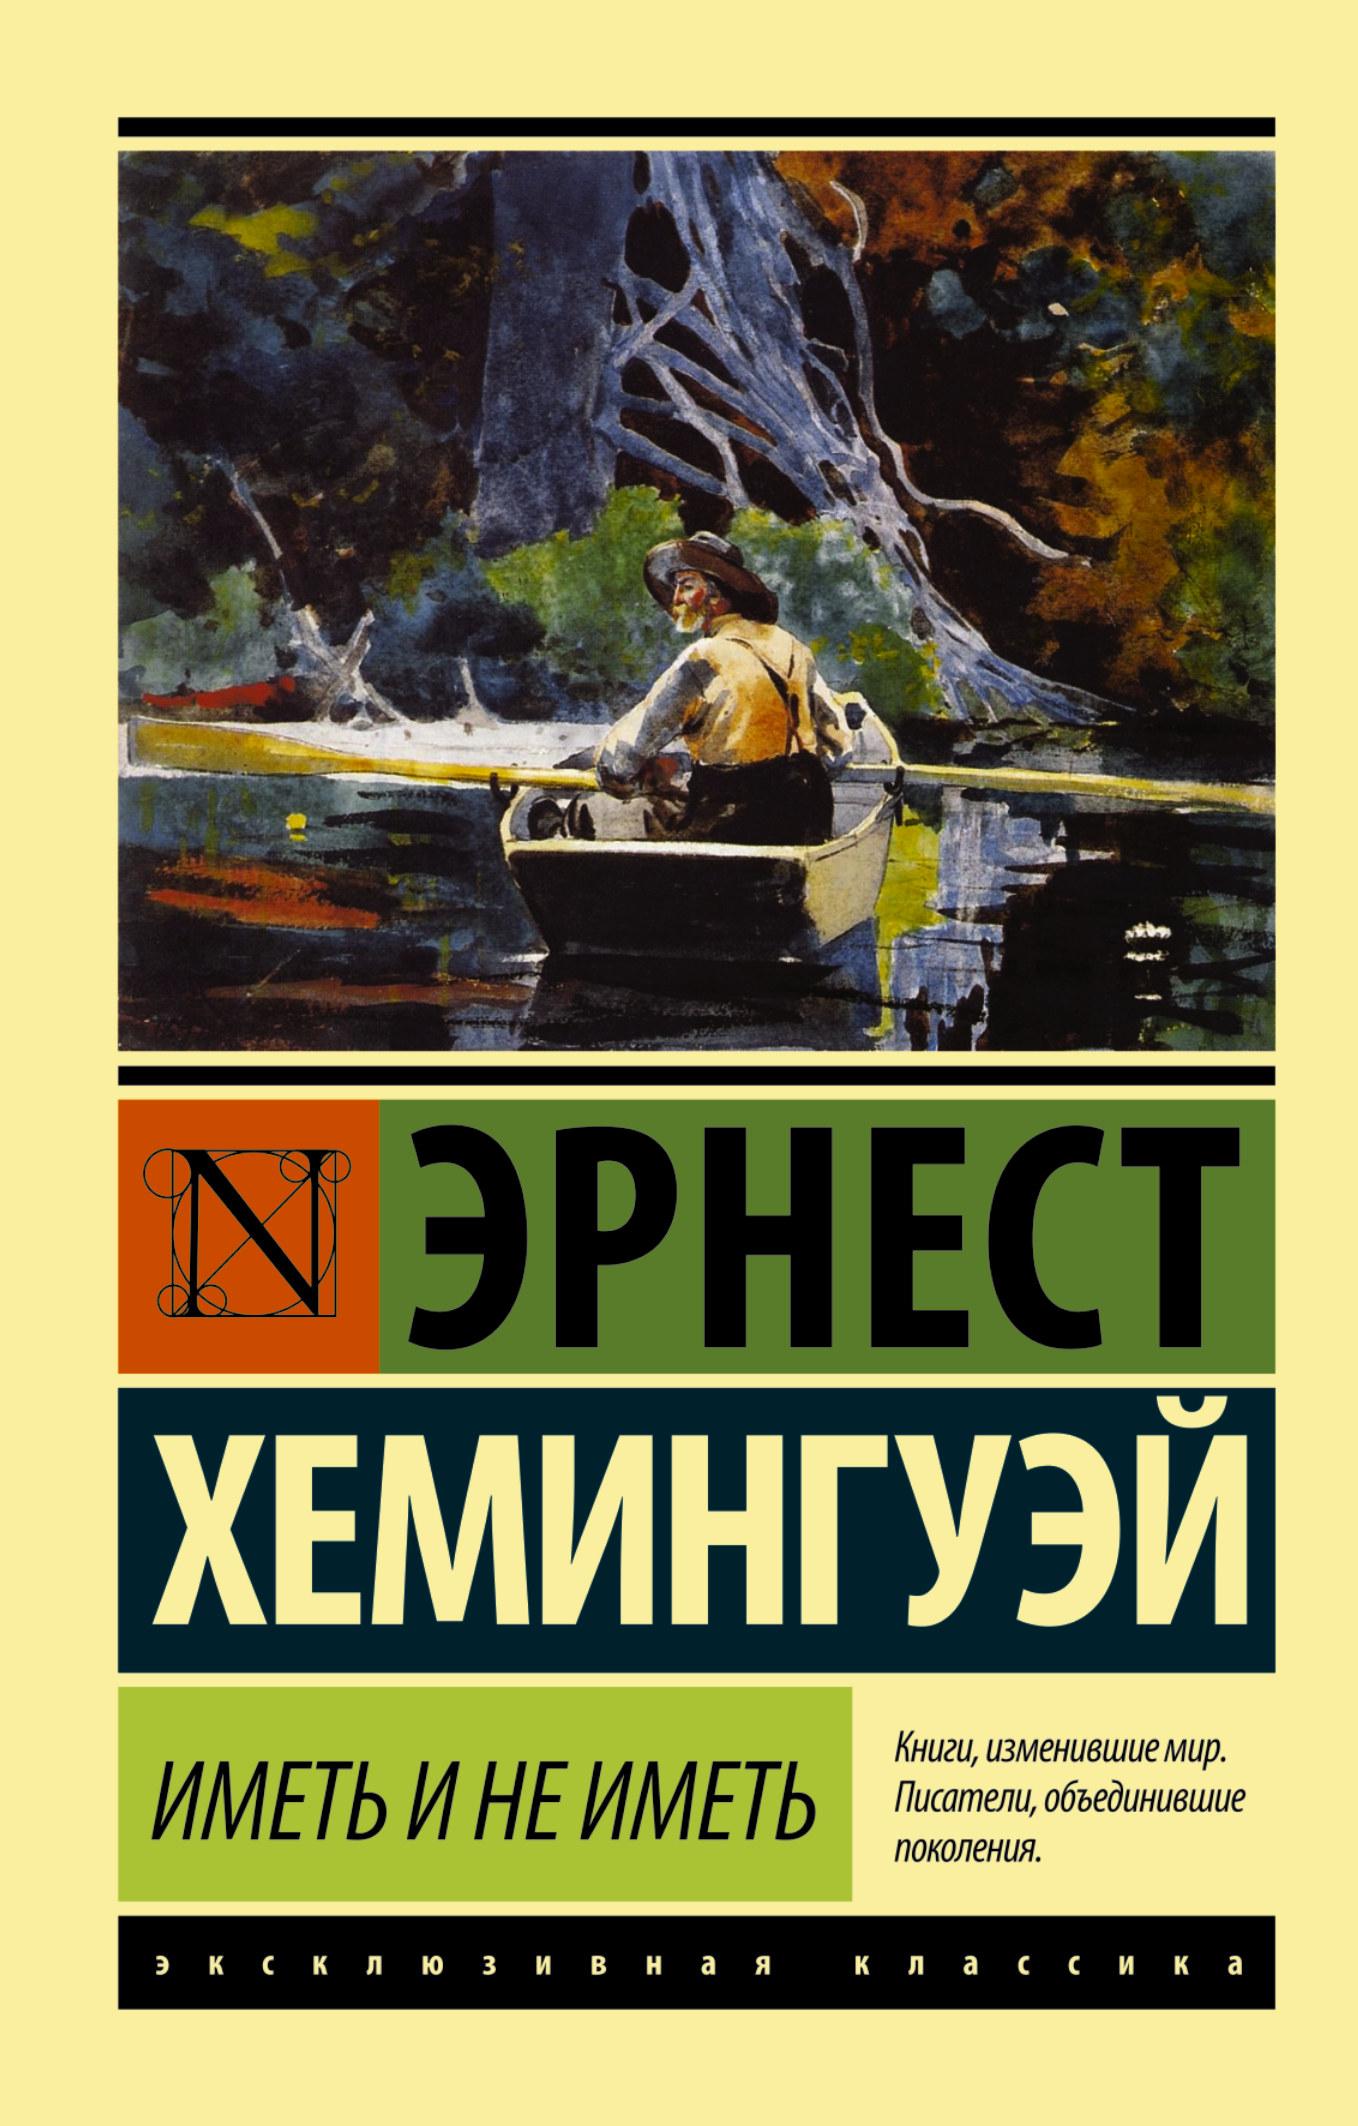 купить Эрнест Хемингуэй Иметь и не иметь (новый перевод) по цене 208 рублей